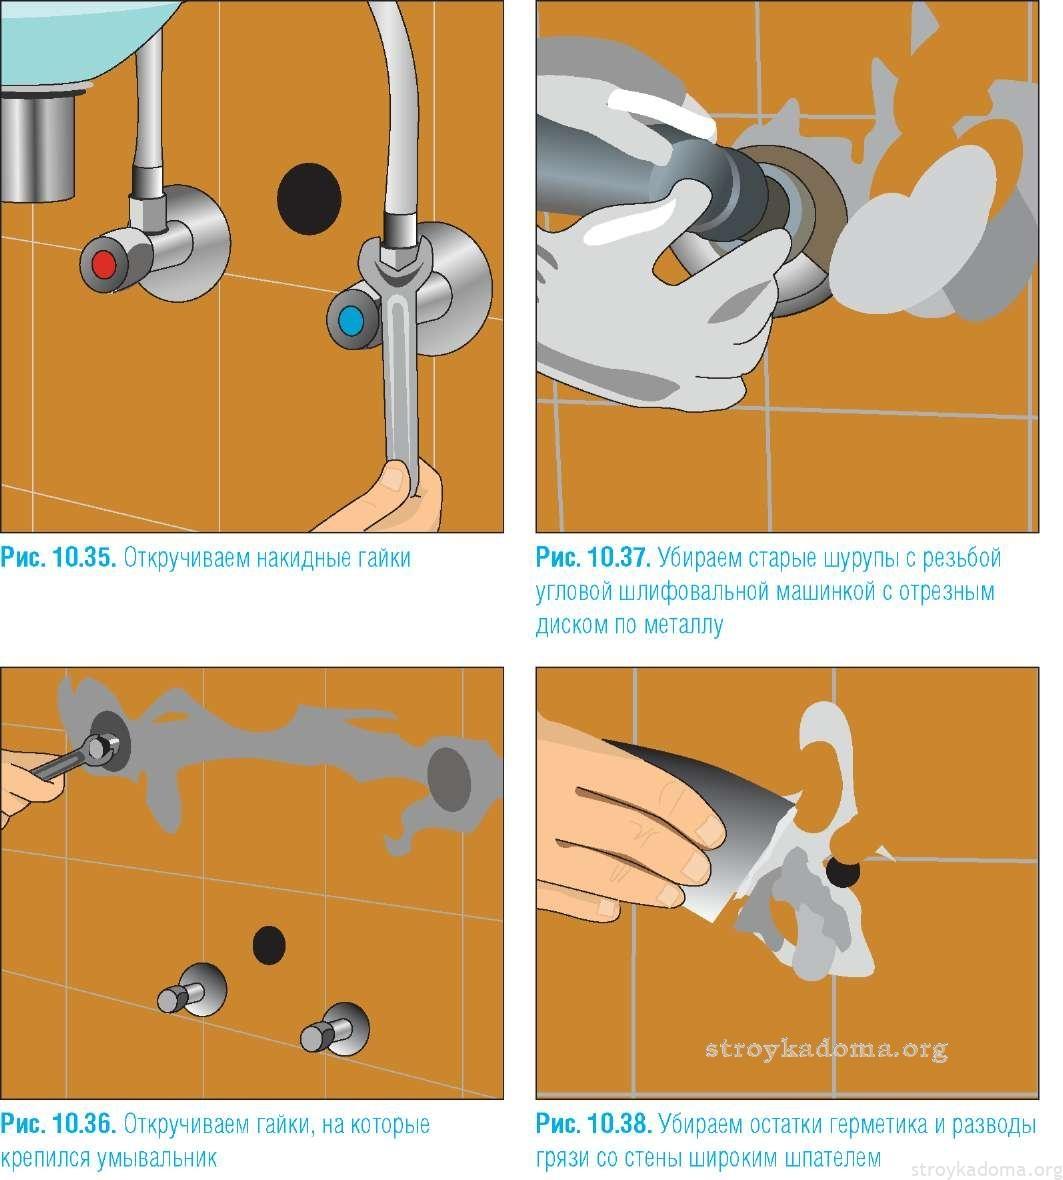 Схема по снятию умывальника